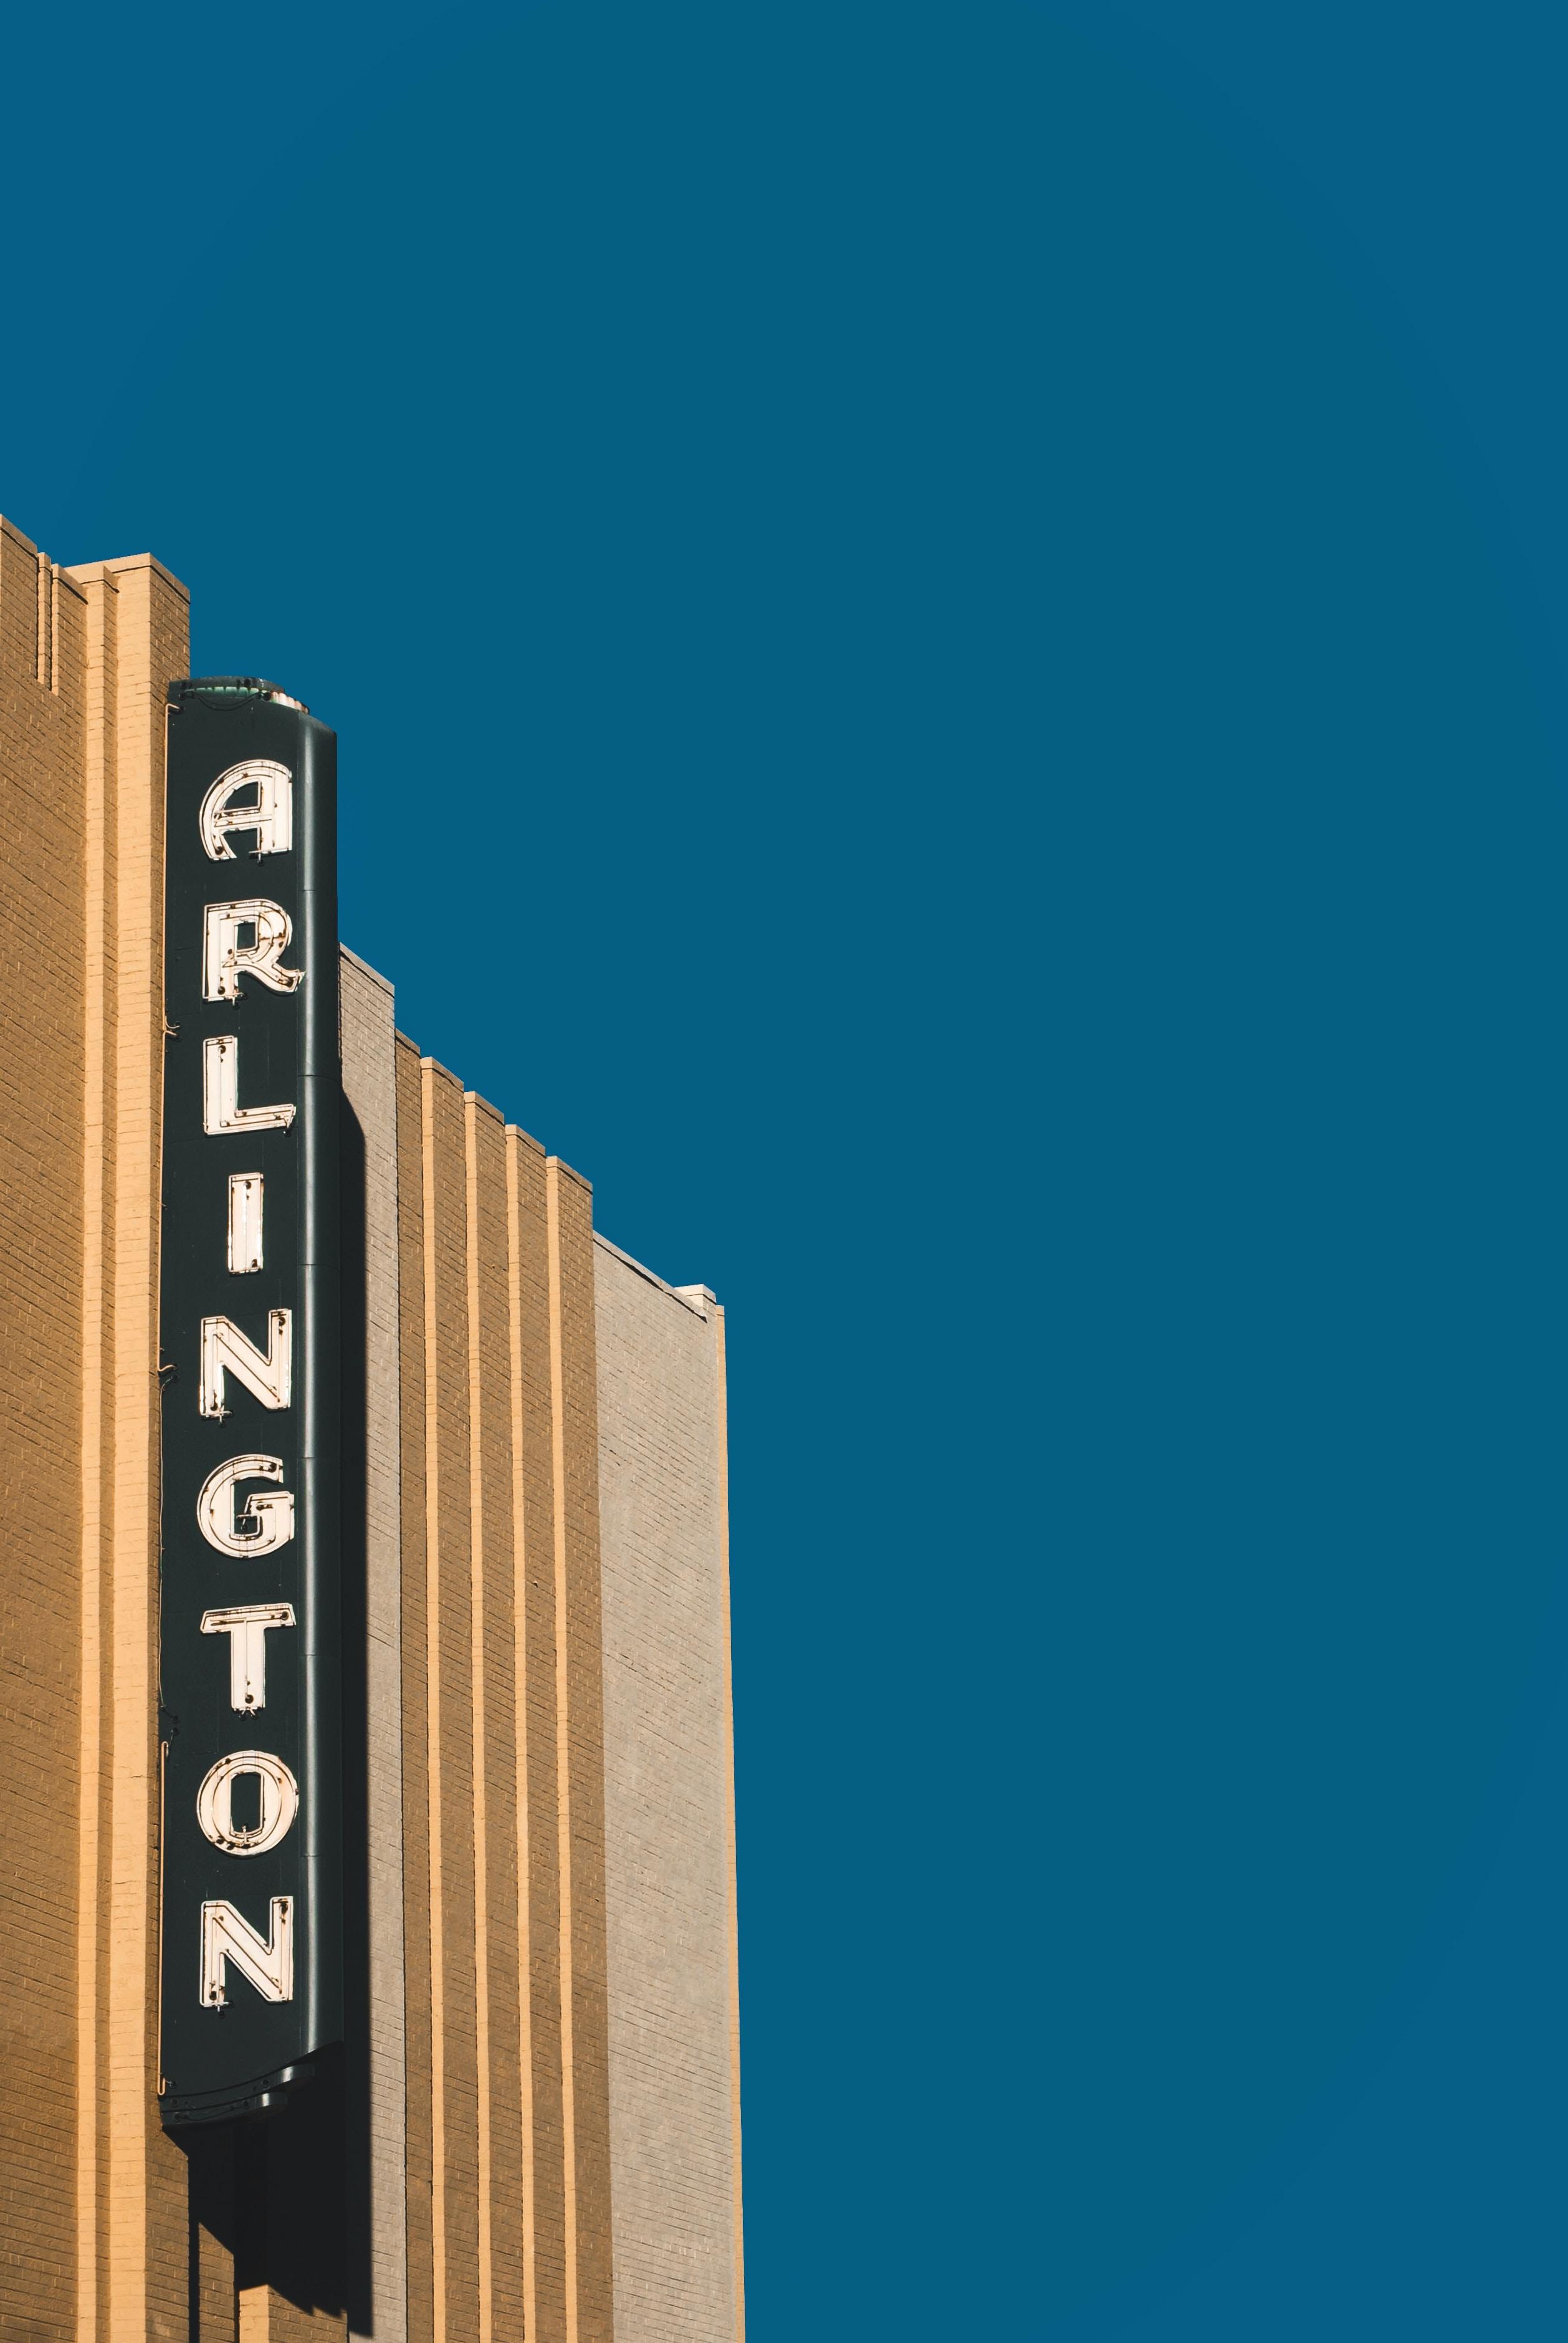 Arlinton building